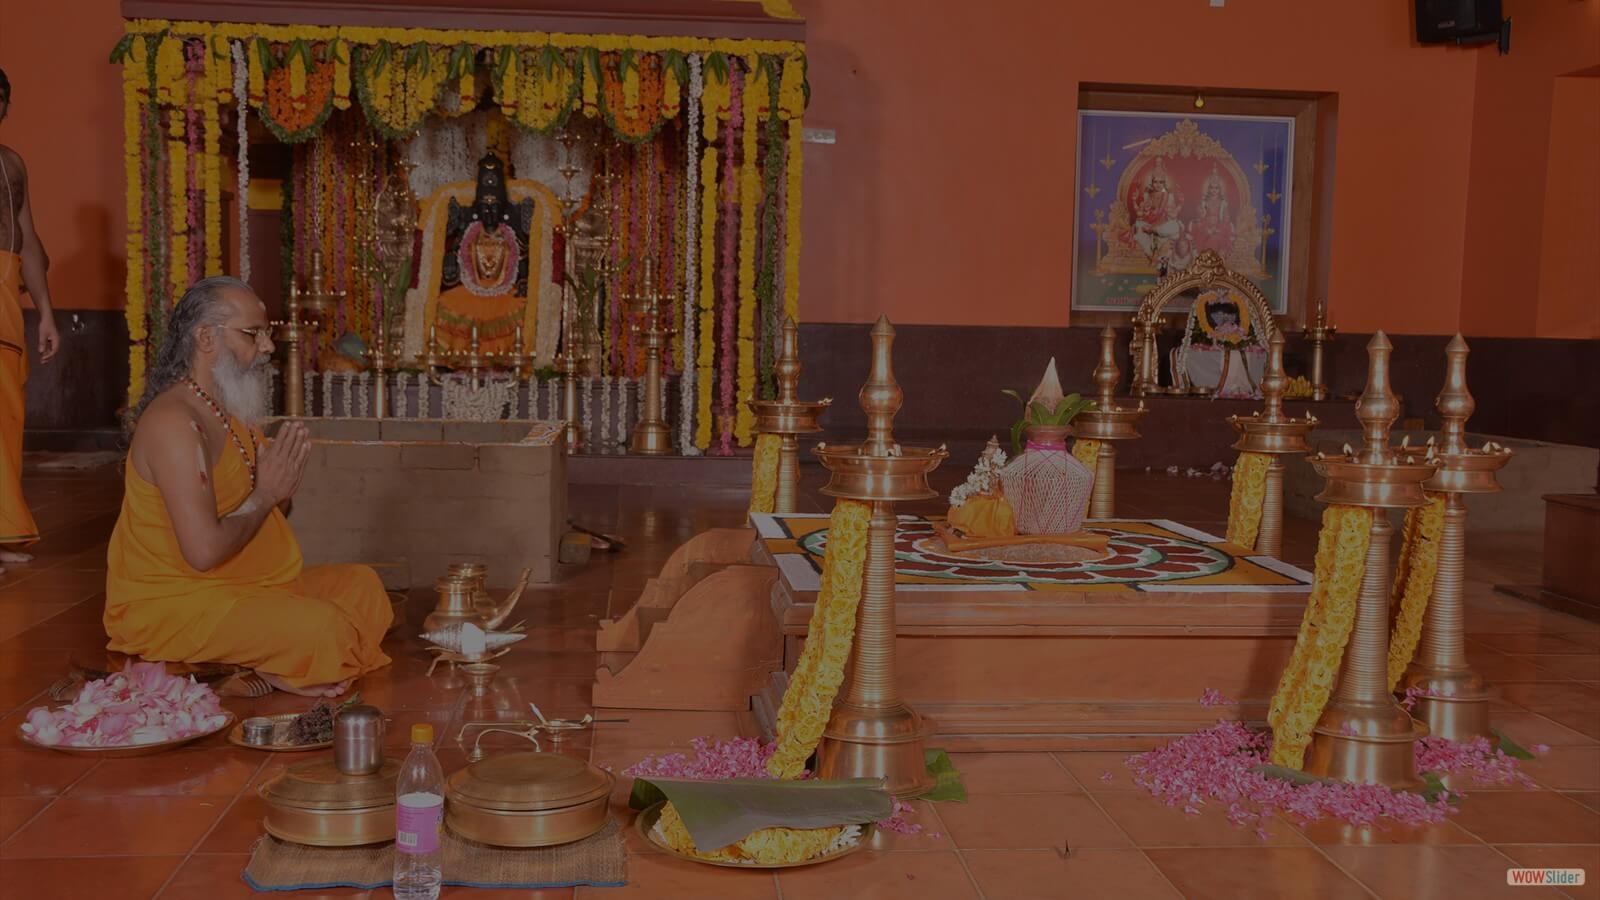 Sree Bagalamukhi Devi Sree Bagalamukhi Devi Temple Sree